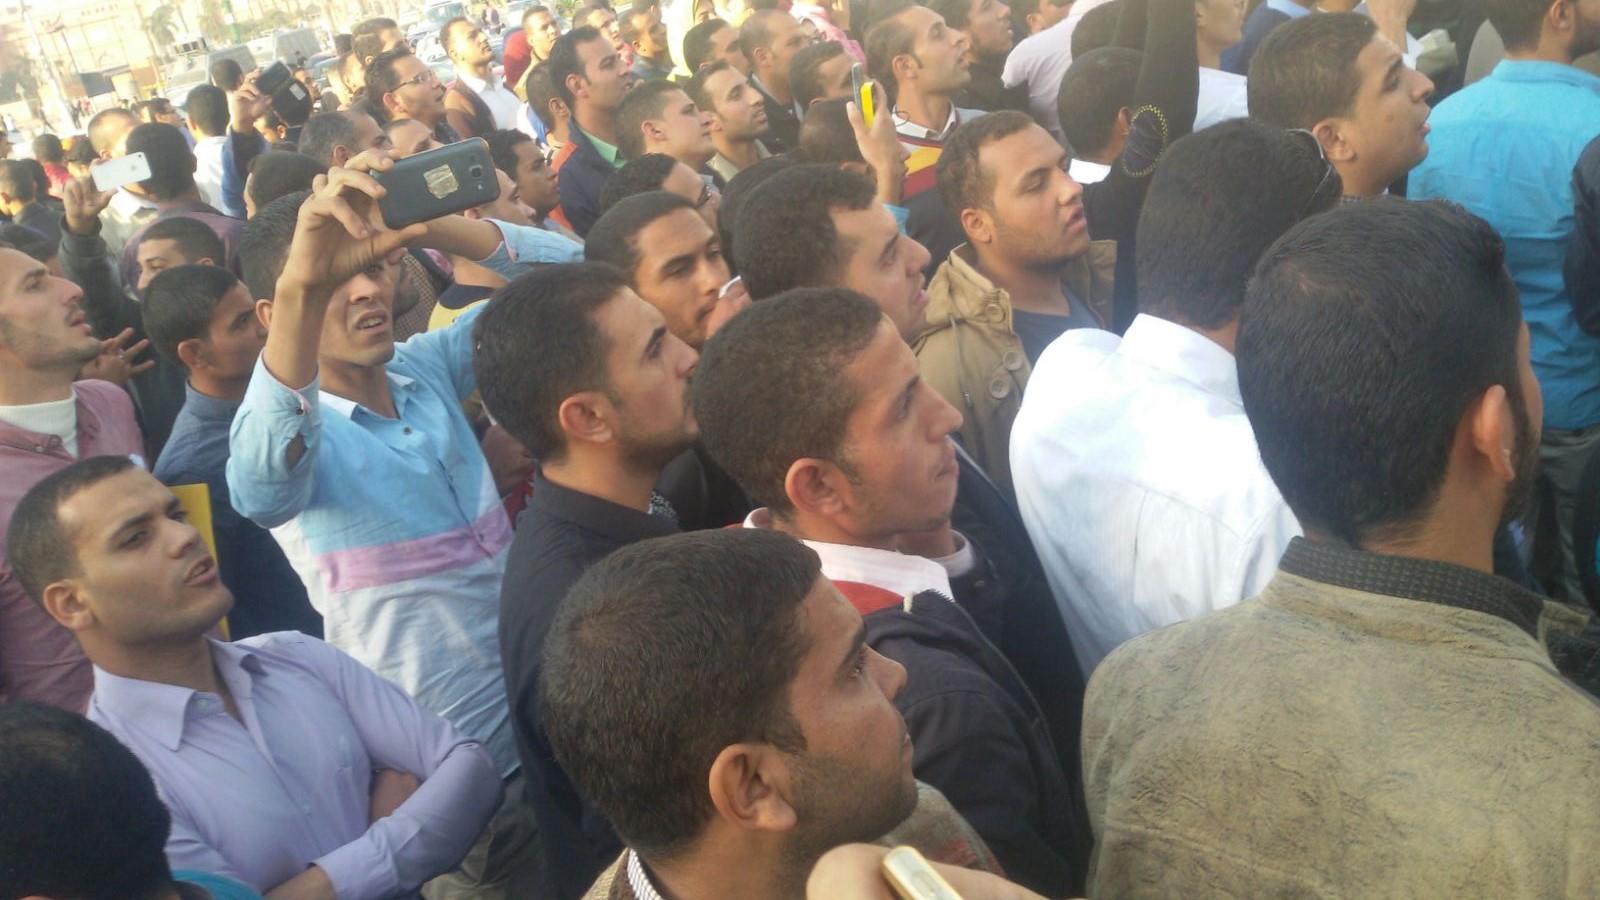 حملة الماجستير والدكتوراه يتظاهرون في «التحرير» للمرة الثانية خلال نوفمبر